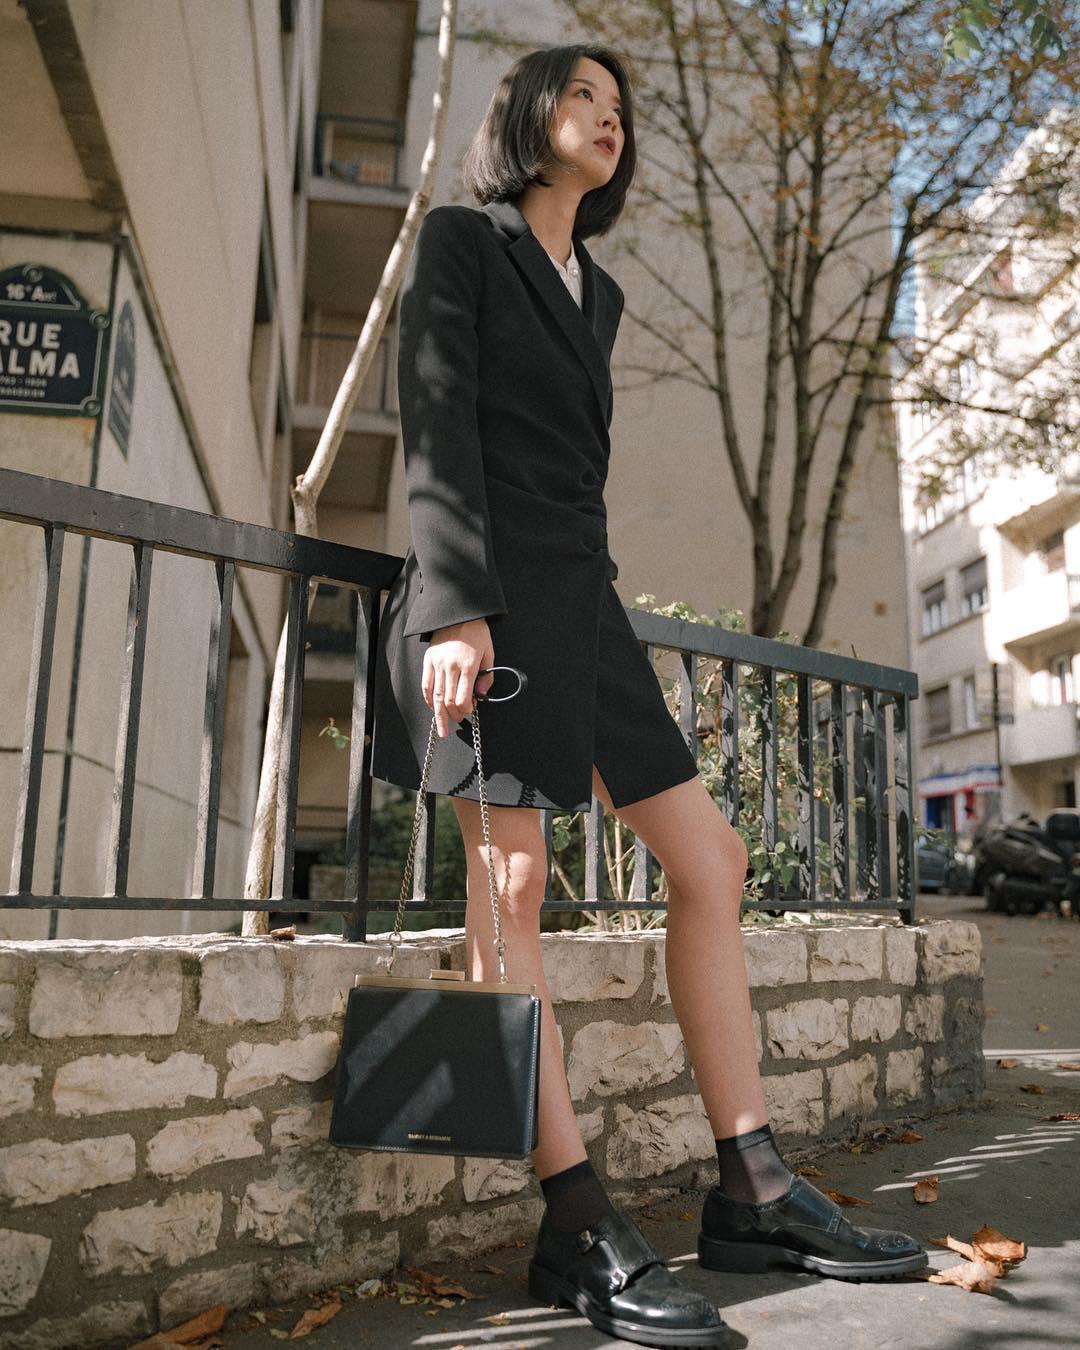 Đồ đen có thể giúp bạn trông gầy đi vài kilogram, nhưng mặc sao cho đẹp thì hãy tham khảo Hà Tăng - Ảnh 2